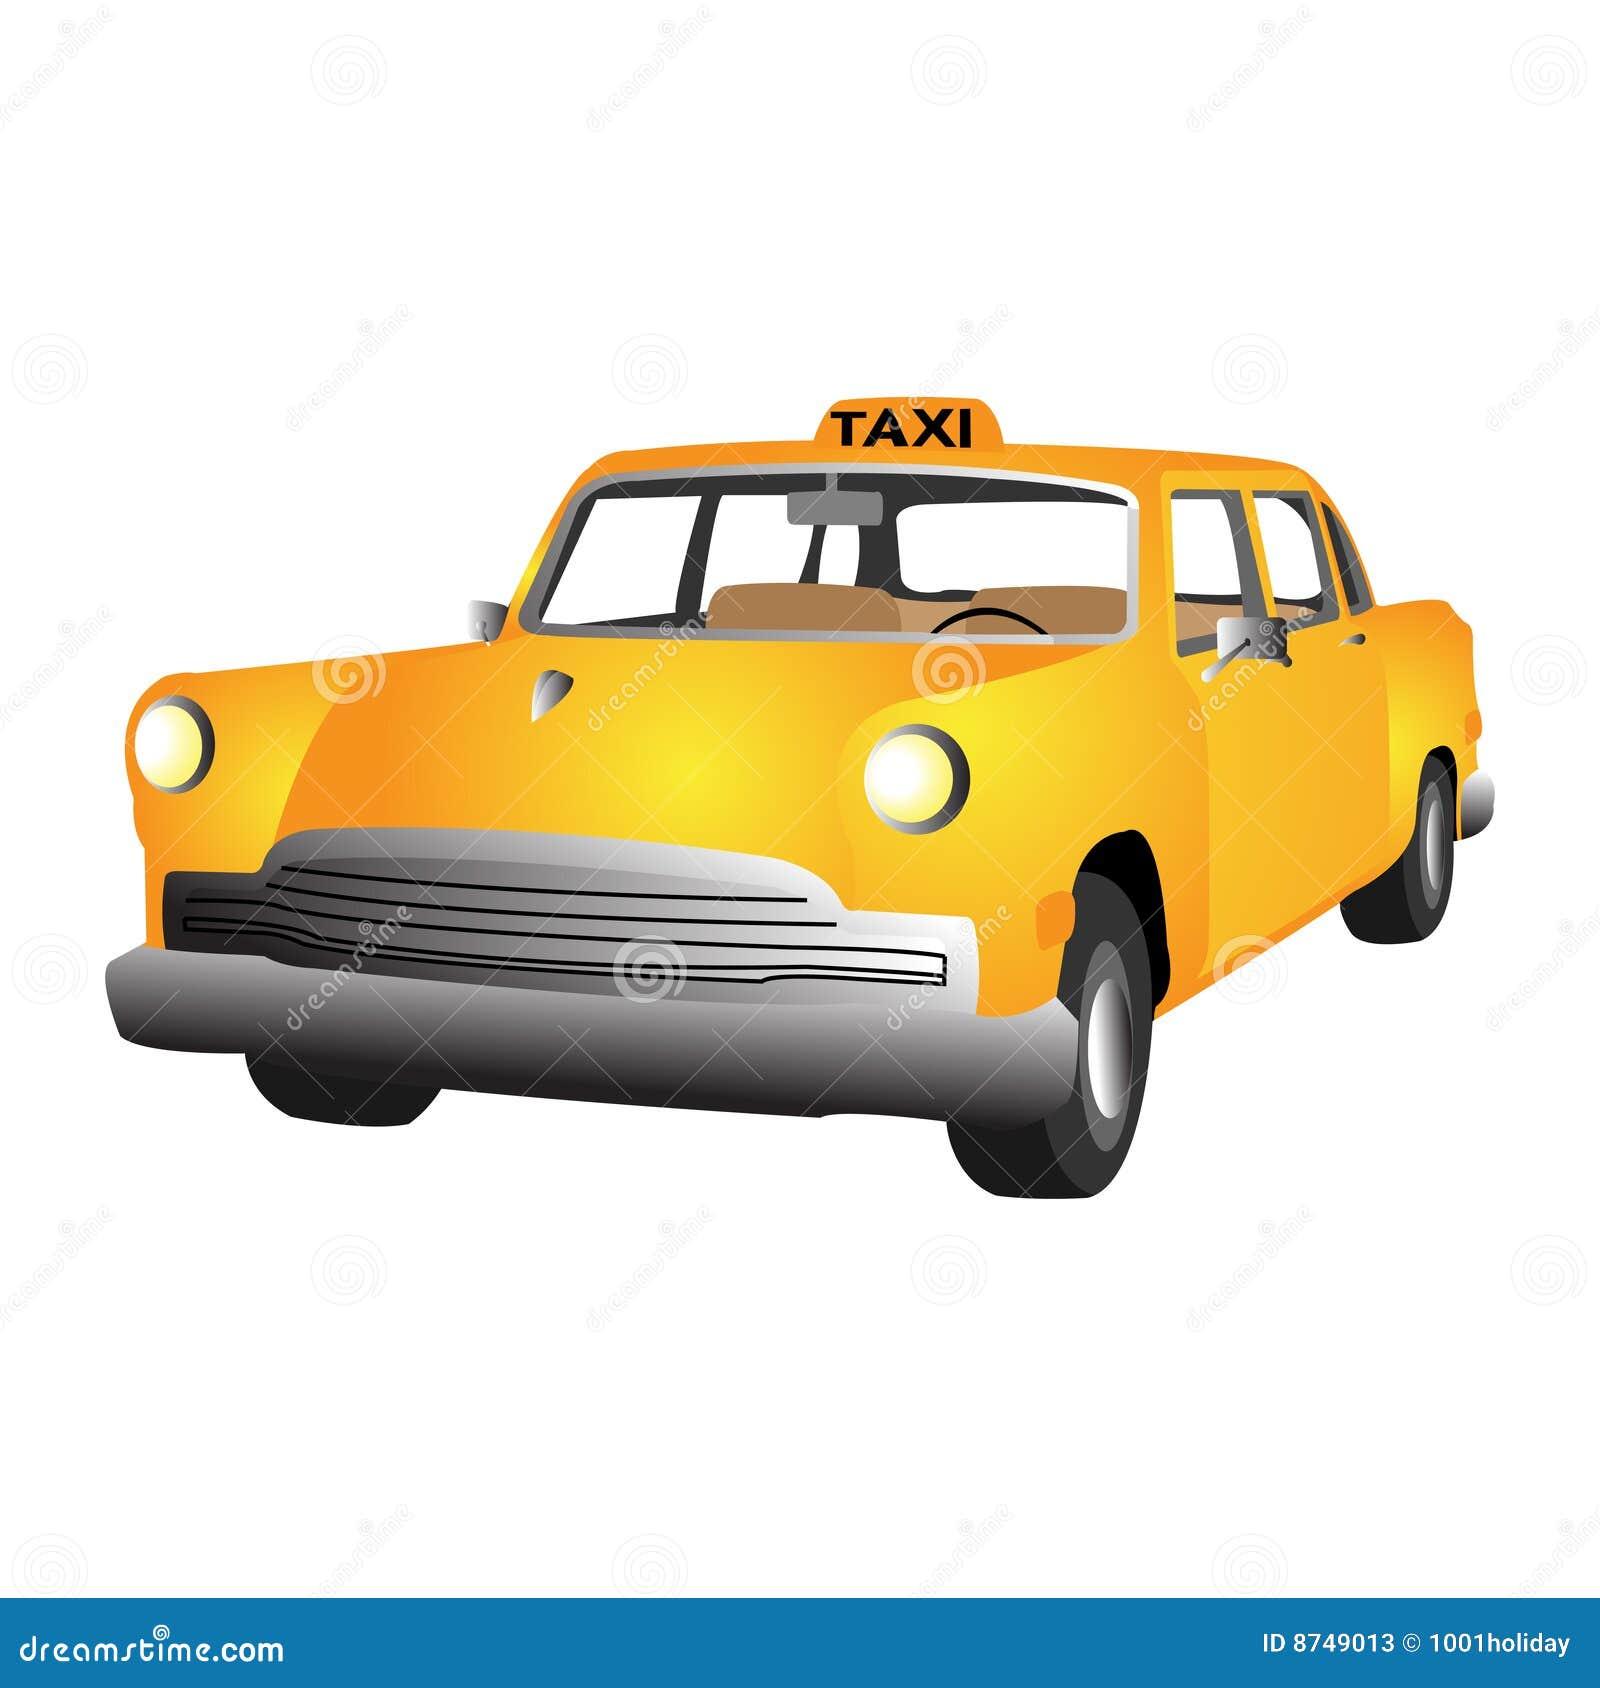 Car Stock Photos: Vector Taxi Car Stock Photos